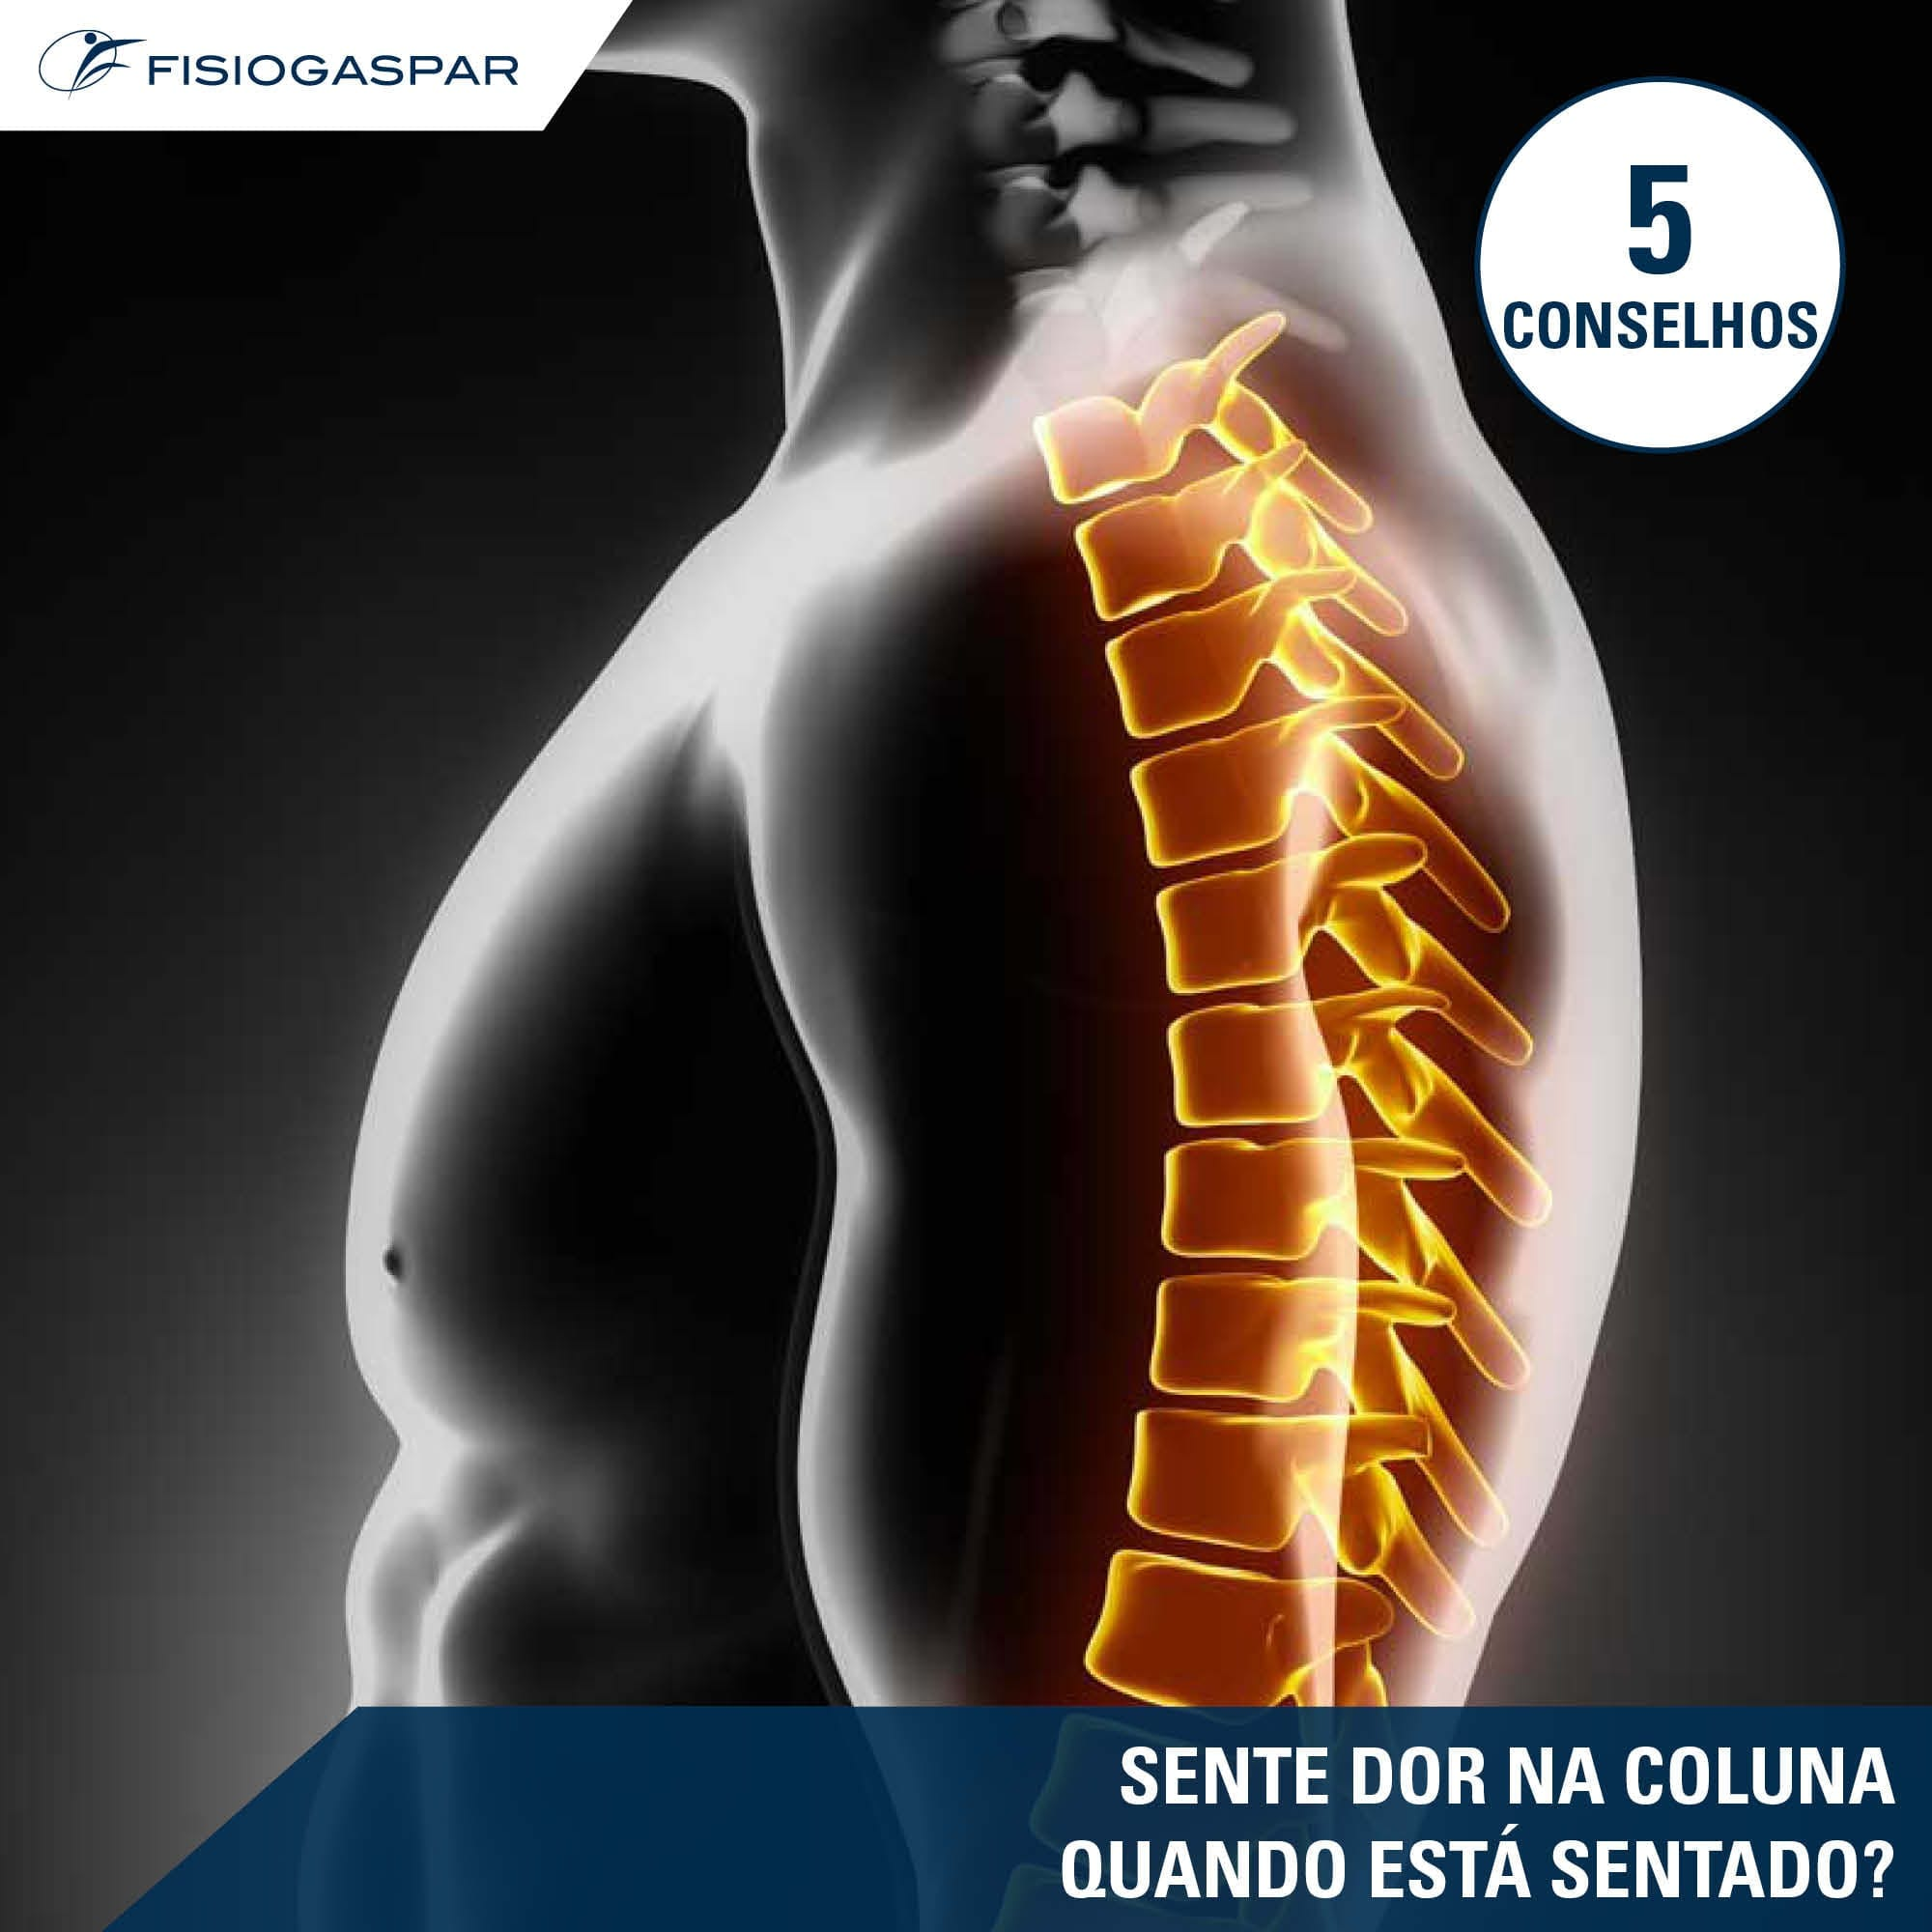 fisiogaspar 5 conselhos para dor na coluna